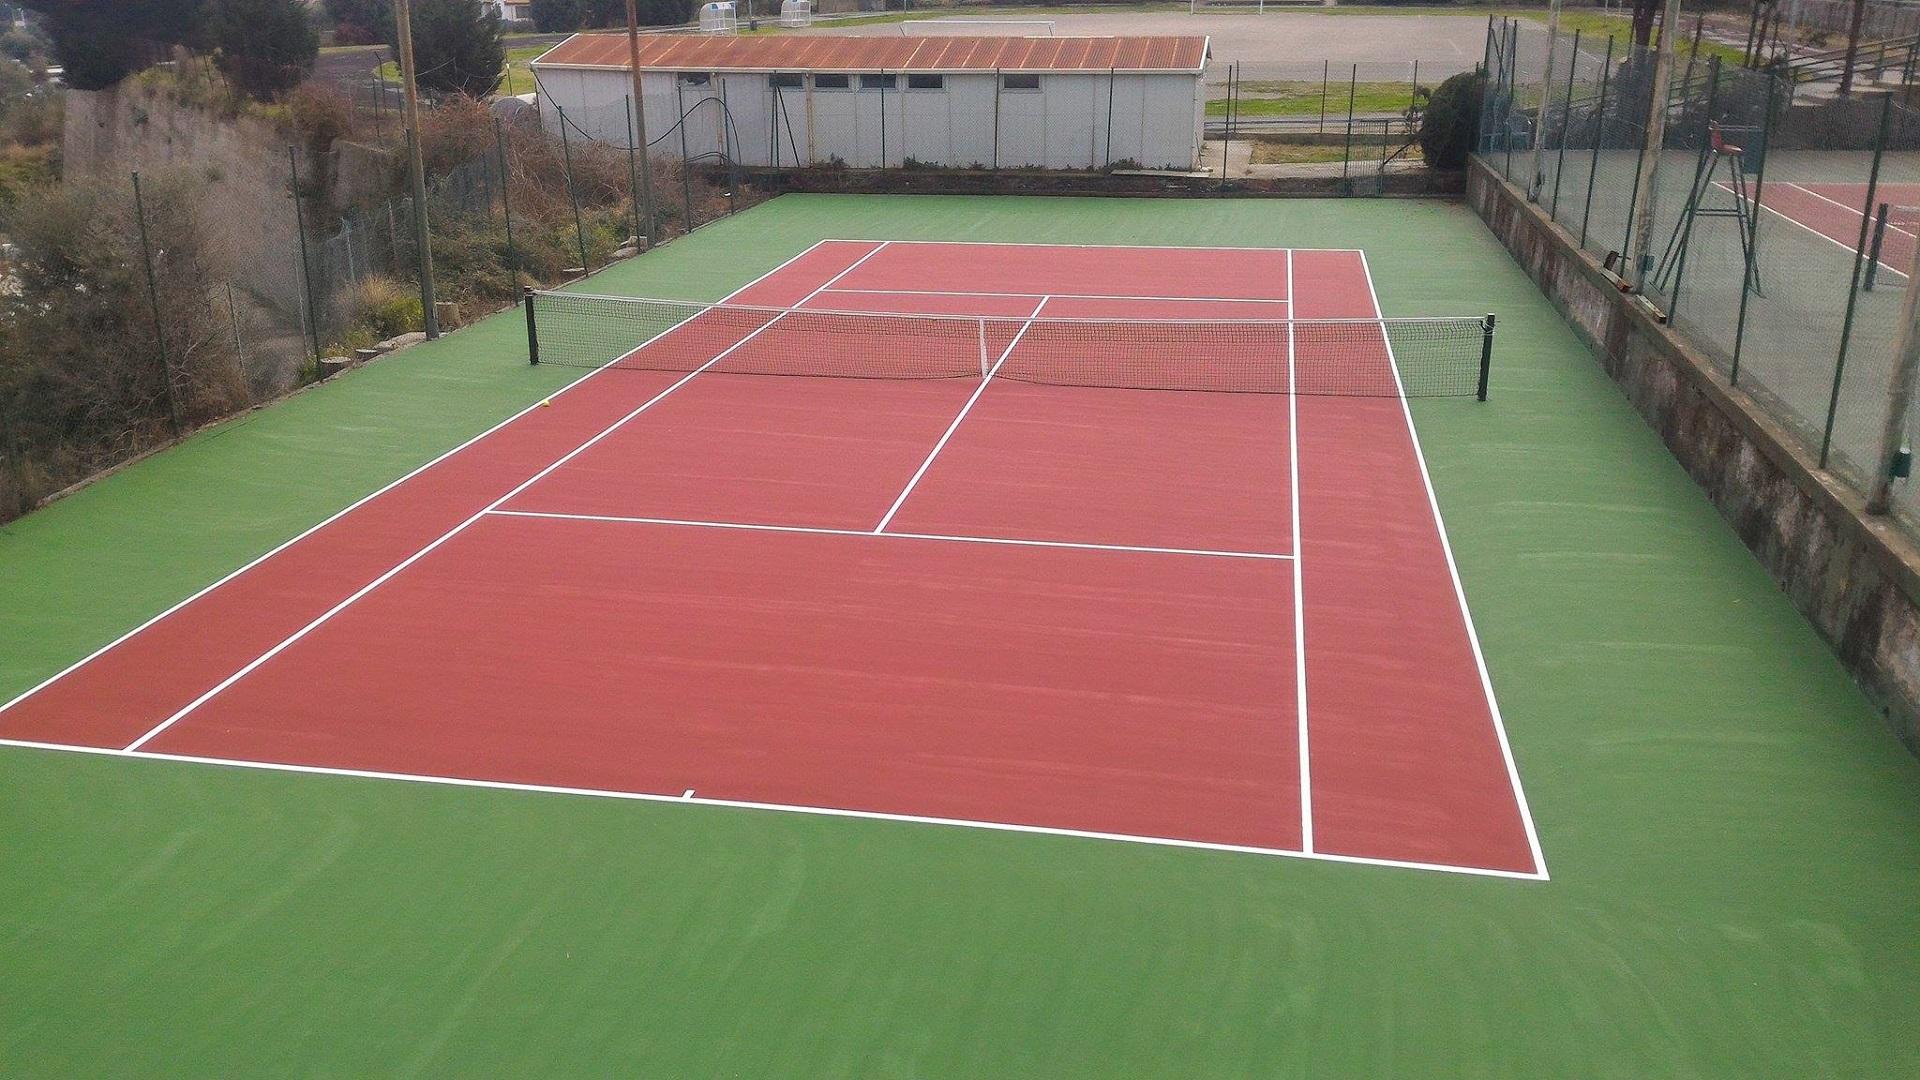 campòo-tennis-2